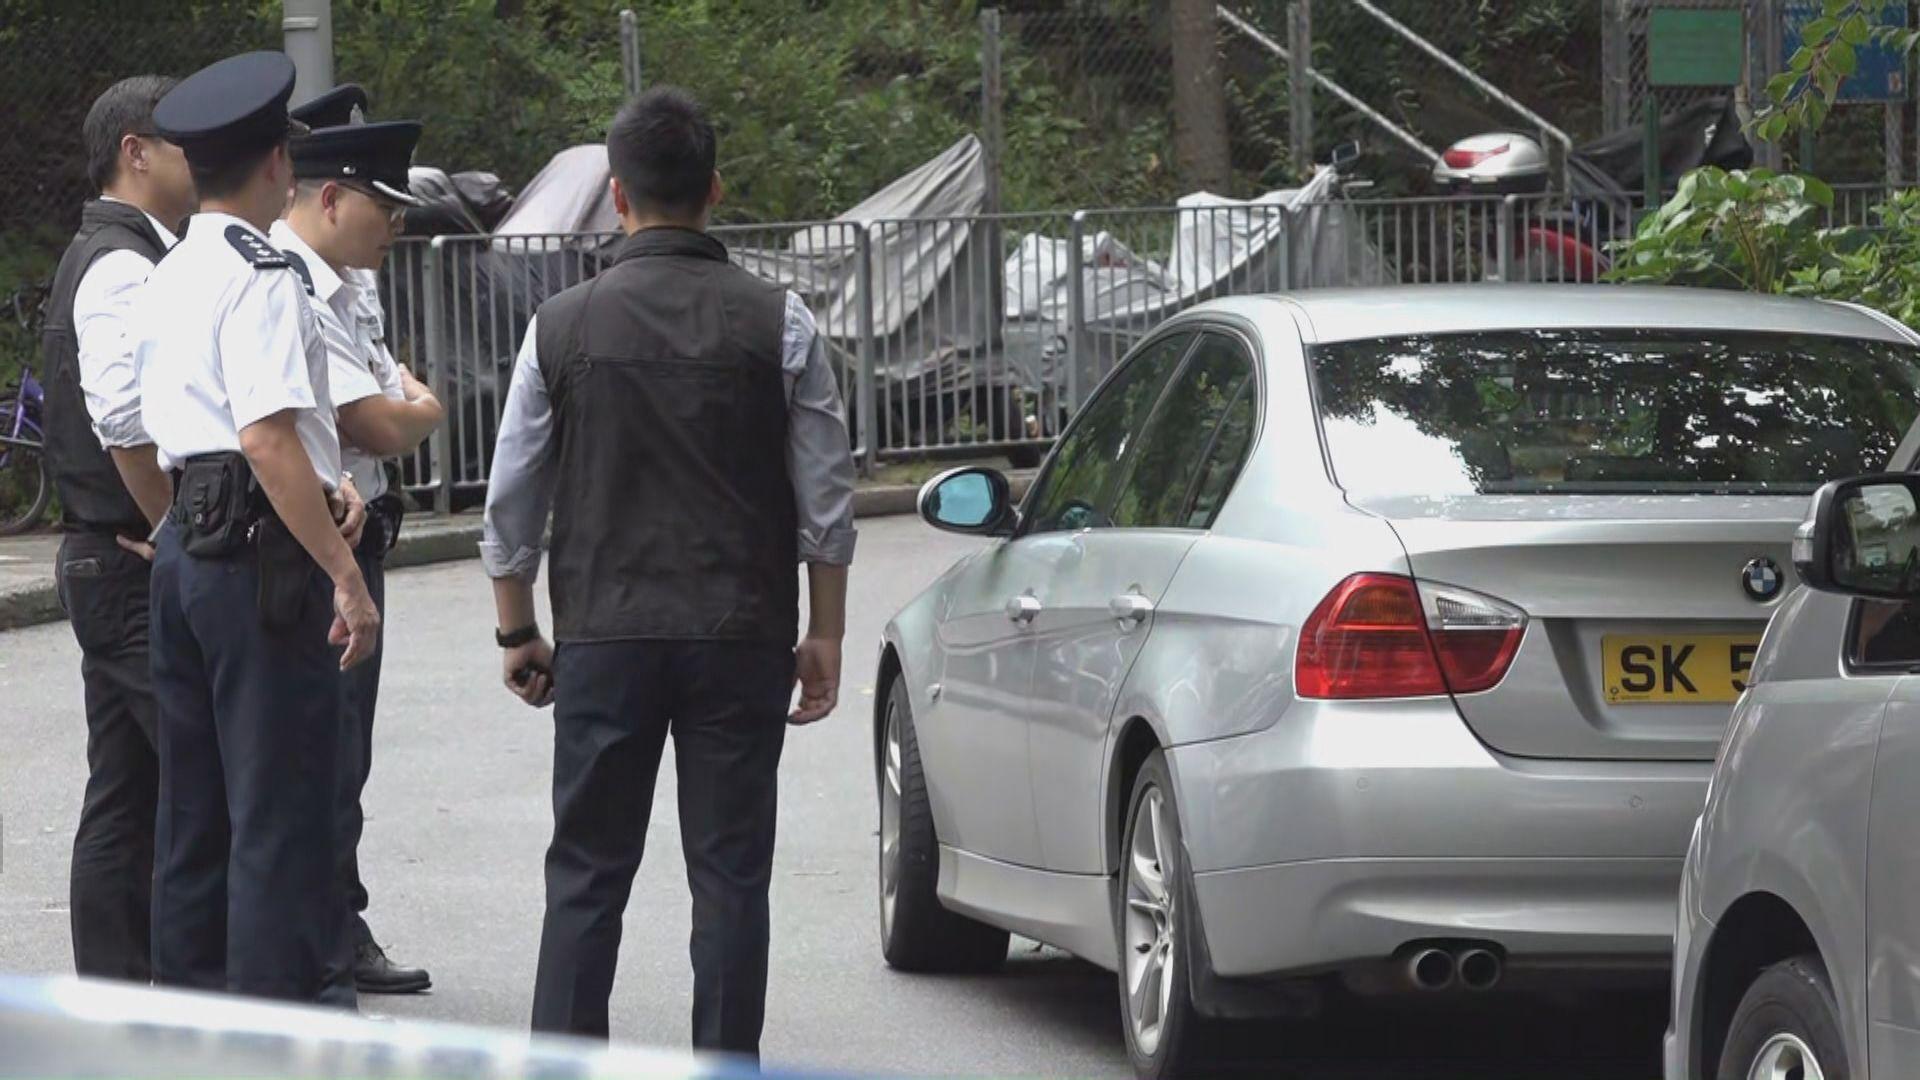 大埔有警員開槍追截車輛 正追捕3名疑犯